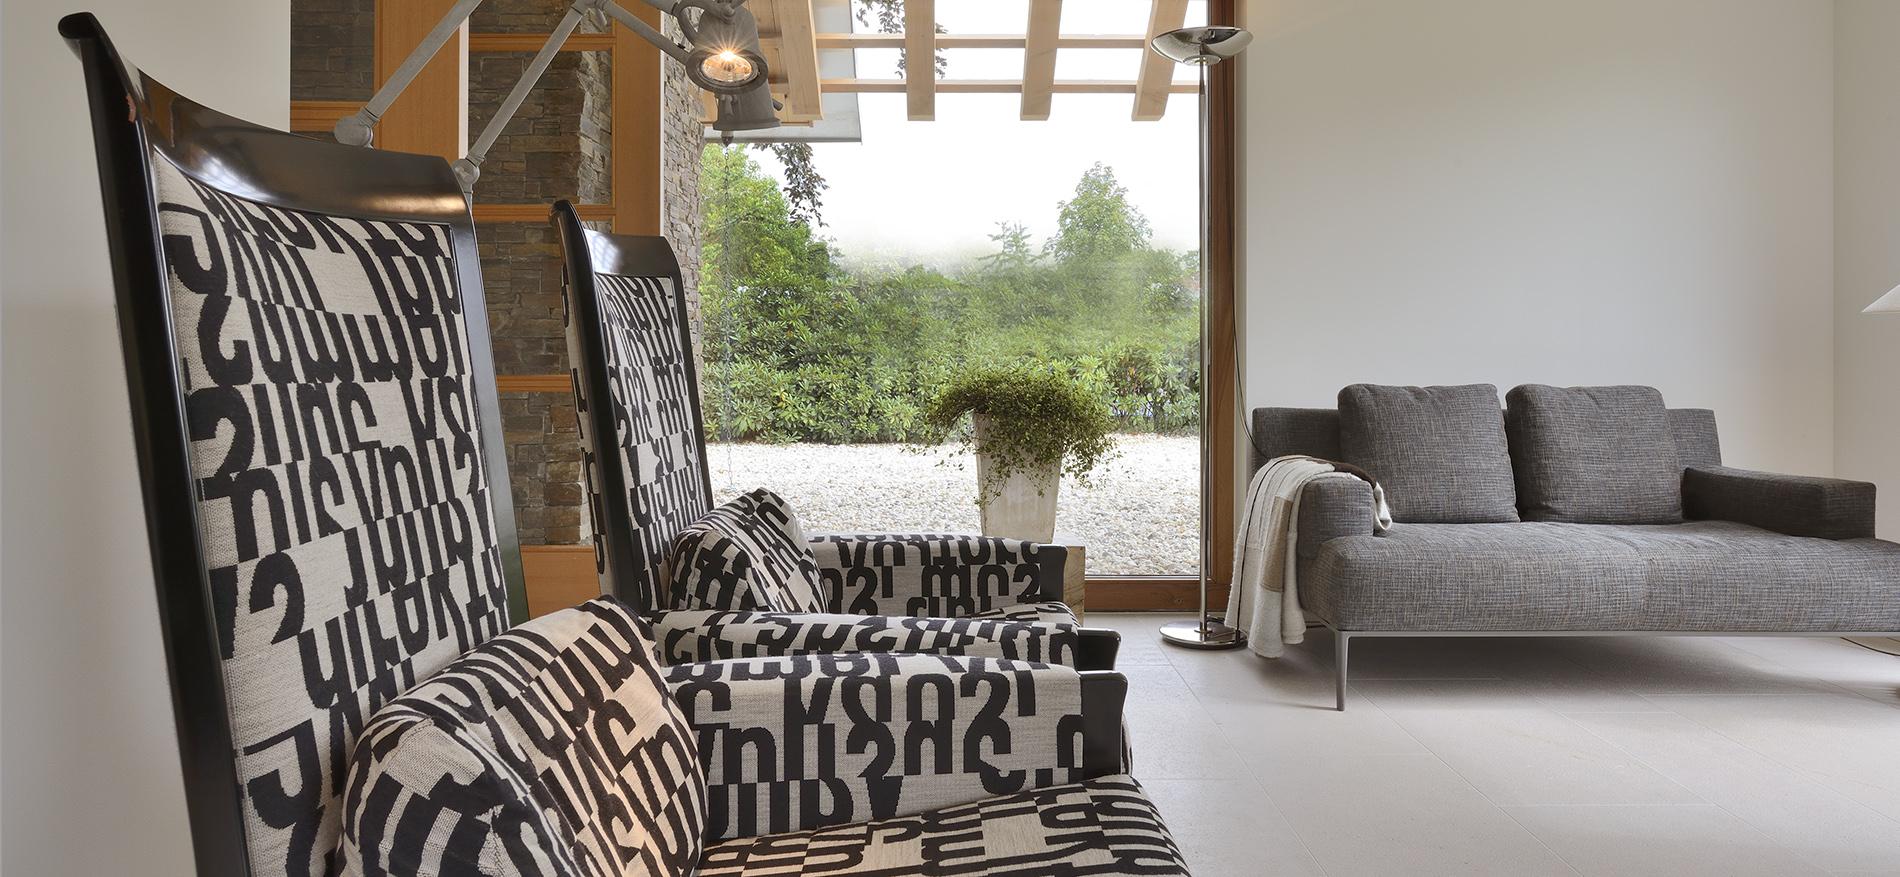 https://www.wsbshopfitting.com/wp-content/uploads/2015/05/top-interieur-op-maat-keukens-obumex-of-wsb-kwaliteit-klassiek-eigentijds-en-minimalistisch-woonkeuken-inbouw-kasten-en-meubelen-door-wsb-architecten-hessenweg_122.jpg